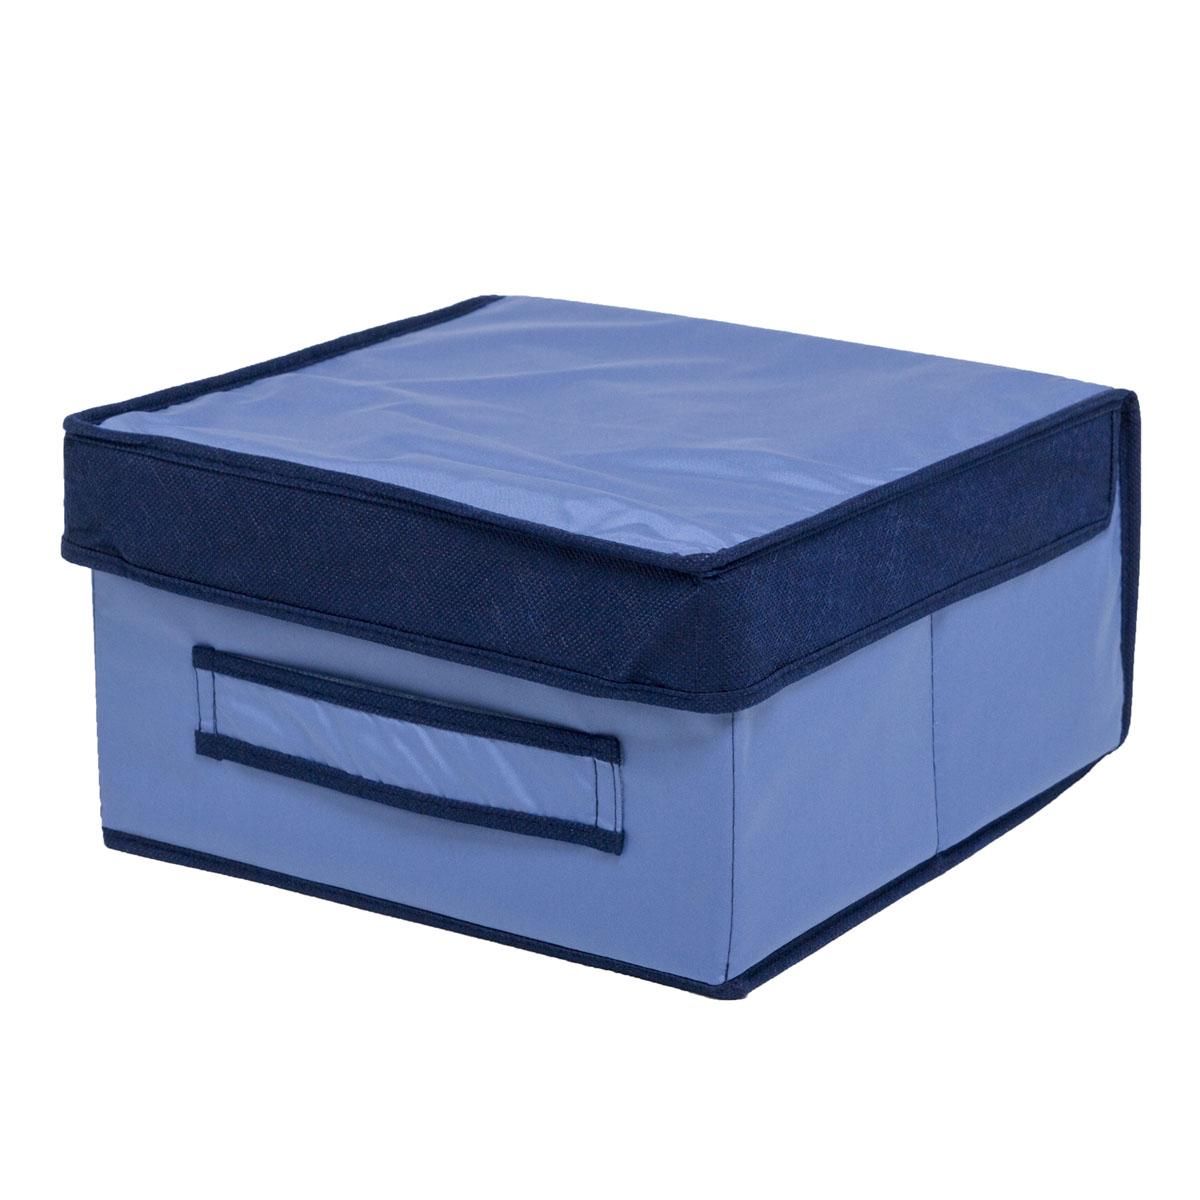 Коробка для хранения Homsu Bluе Sky, 30 х 30 х 16 смHOM-51Вместительная коробка для хранения Homsu Bluе Sky выполнена из плотного картона. Изделие обладает удобным размером и привлекательным дизайном, выполненным в приятной цветовой гамме. Внутри коробки можно хранить фотографии, ткани, принадлежности для хобби, памятные сувениры и многое другое. Крышка изделия удобно открывается и закрывается. Коробка для хранения Homsu Bluе Sky станет незаменимой помощницей в путешествиях.